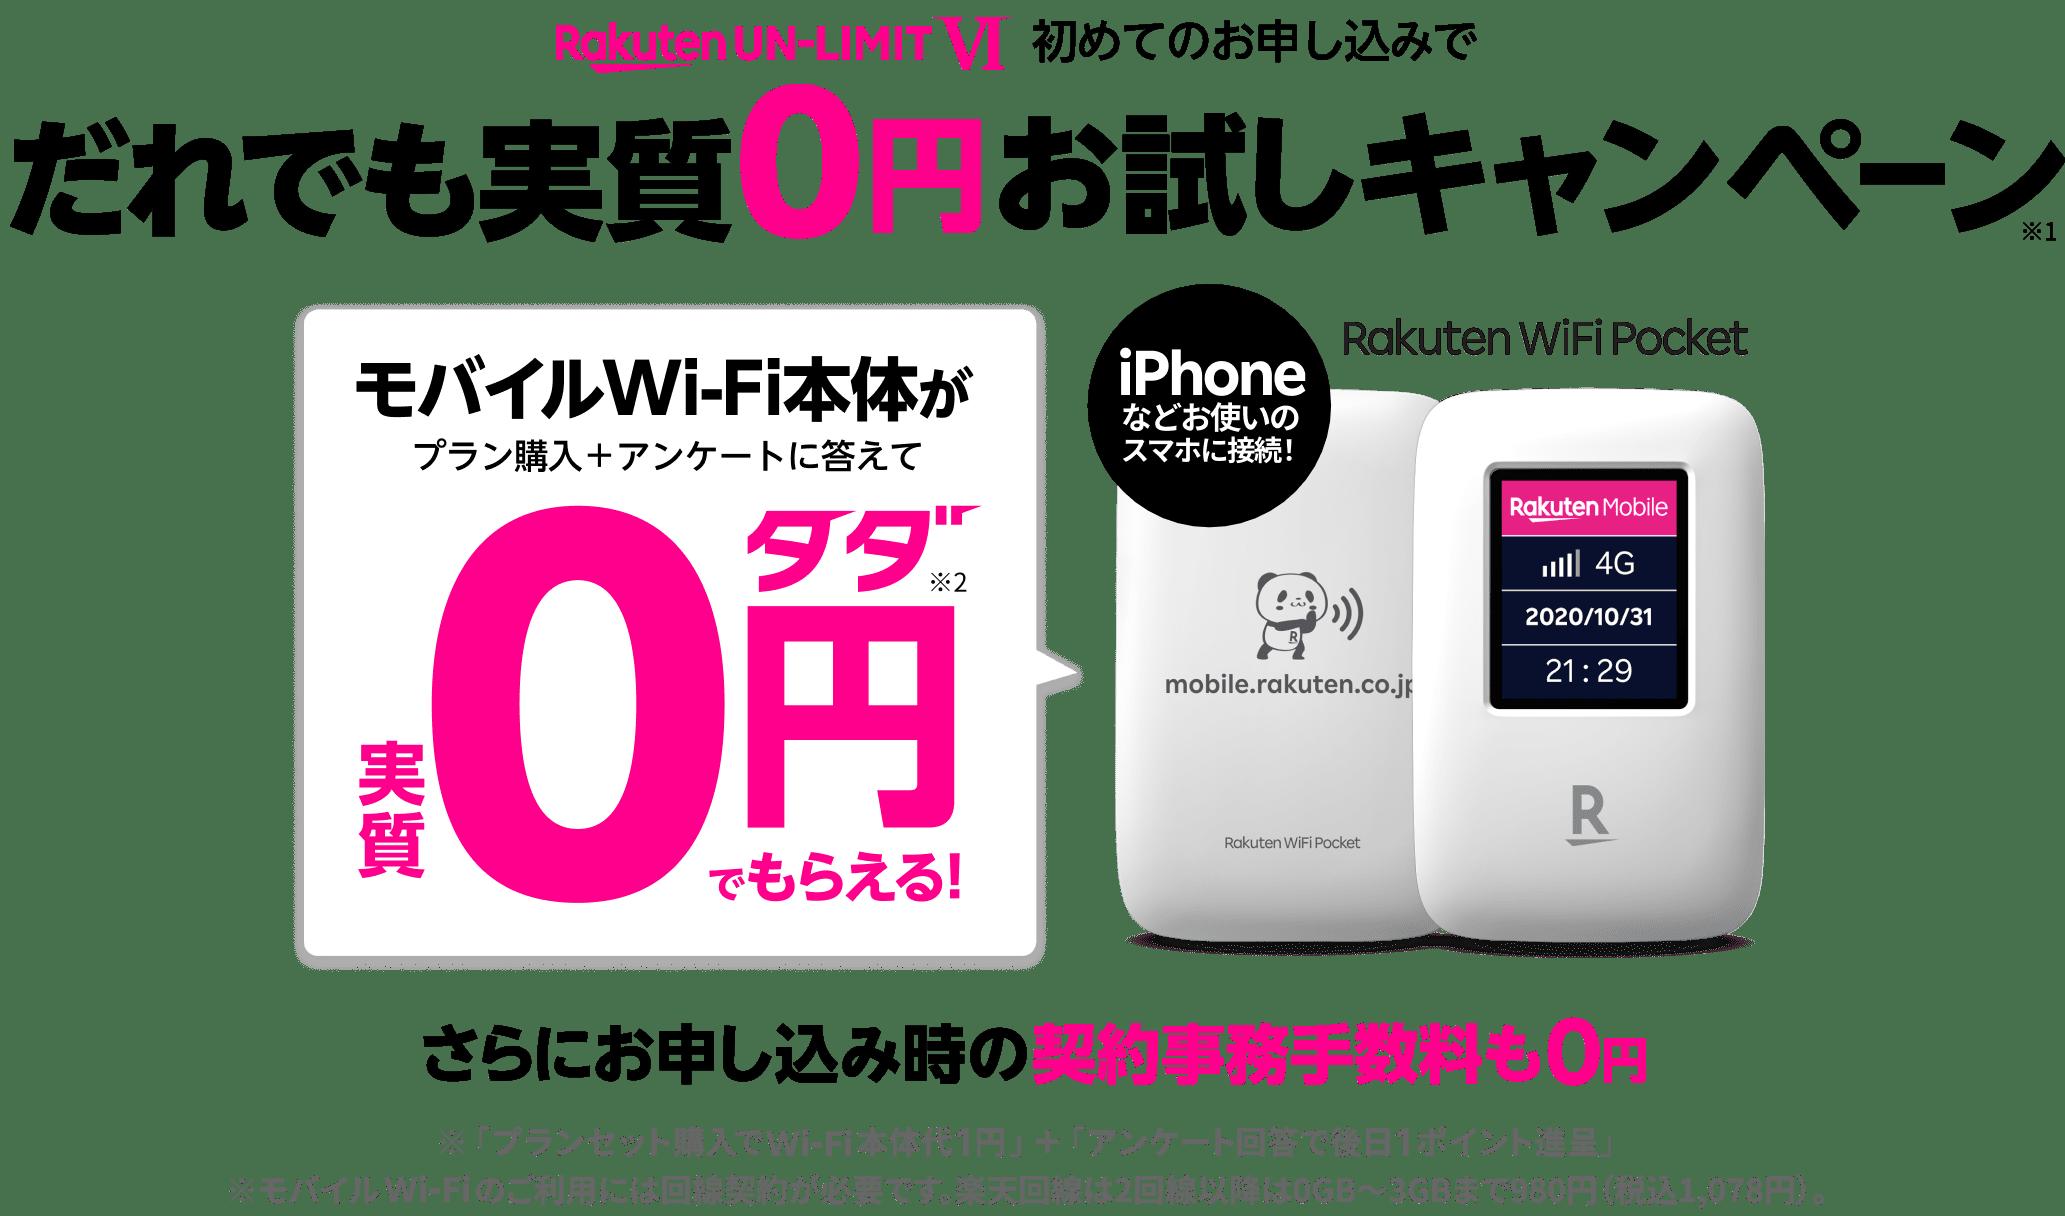 だれでも実質0円お試しキャンペーン※1 1年無料の楽天回線を0円でお試しできる モバイルWi-Fi本体がプラン購入+アンケートに答えて※実質0円タダ※2でもらえる! iPhoneなどお使いのスマホに接続! Rakuten WiFi Pocket データ使い放題が(2,980円/月)0円タダ(1年間)※3 さらにお申し込み時の契約事務手数料も0円 ※「プランセット購入でWi-Fi本体代1円」+「アンケート回答で後日1ポイント進呈」